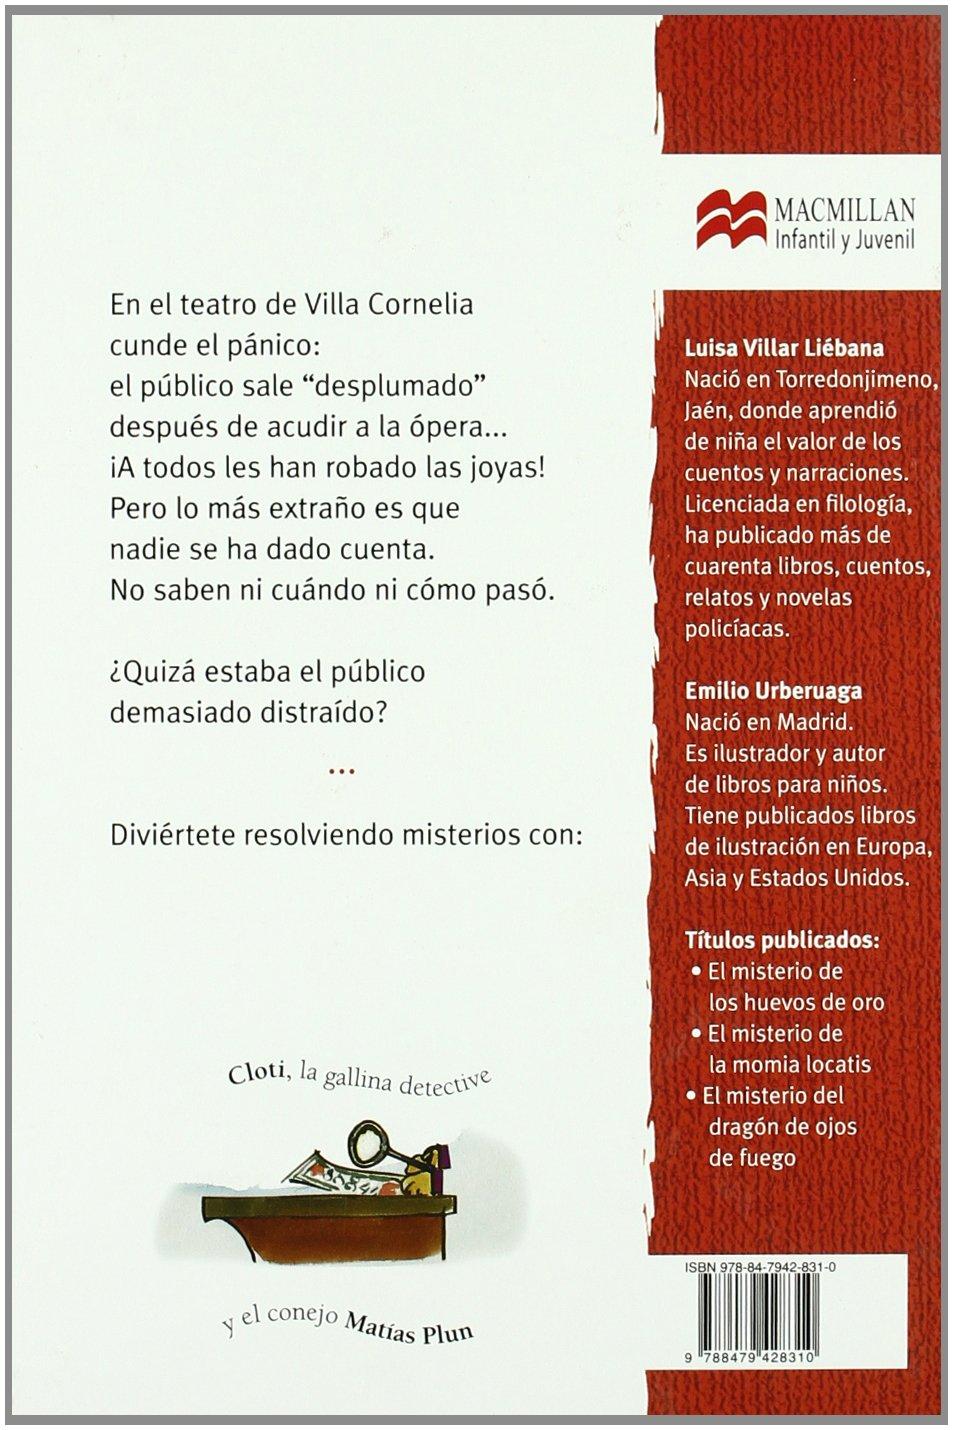 El misterio de la flauta mágica (Librosaurio) (Spanish Edition): Luisa Villar Liébana, Emilio Urberuaga: 9788479428310: Amazon.com: Books